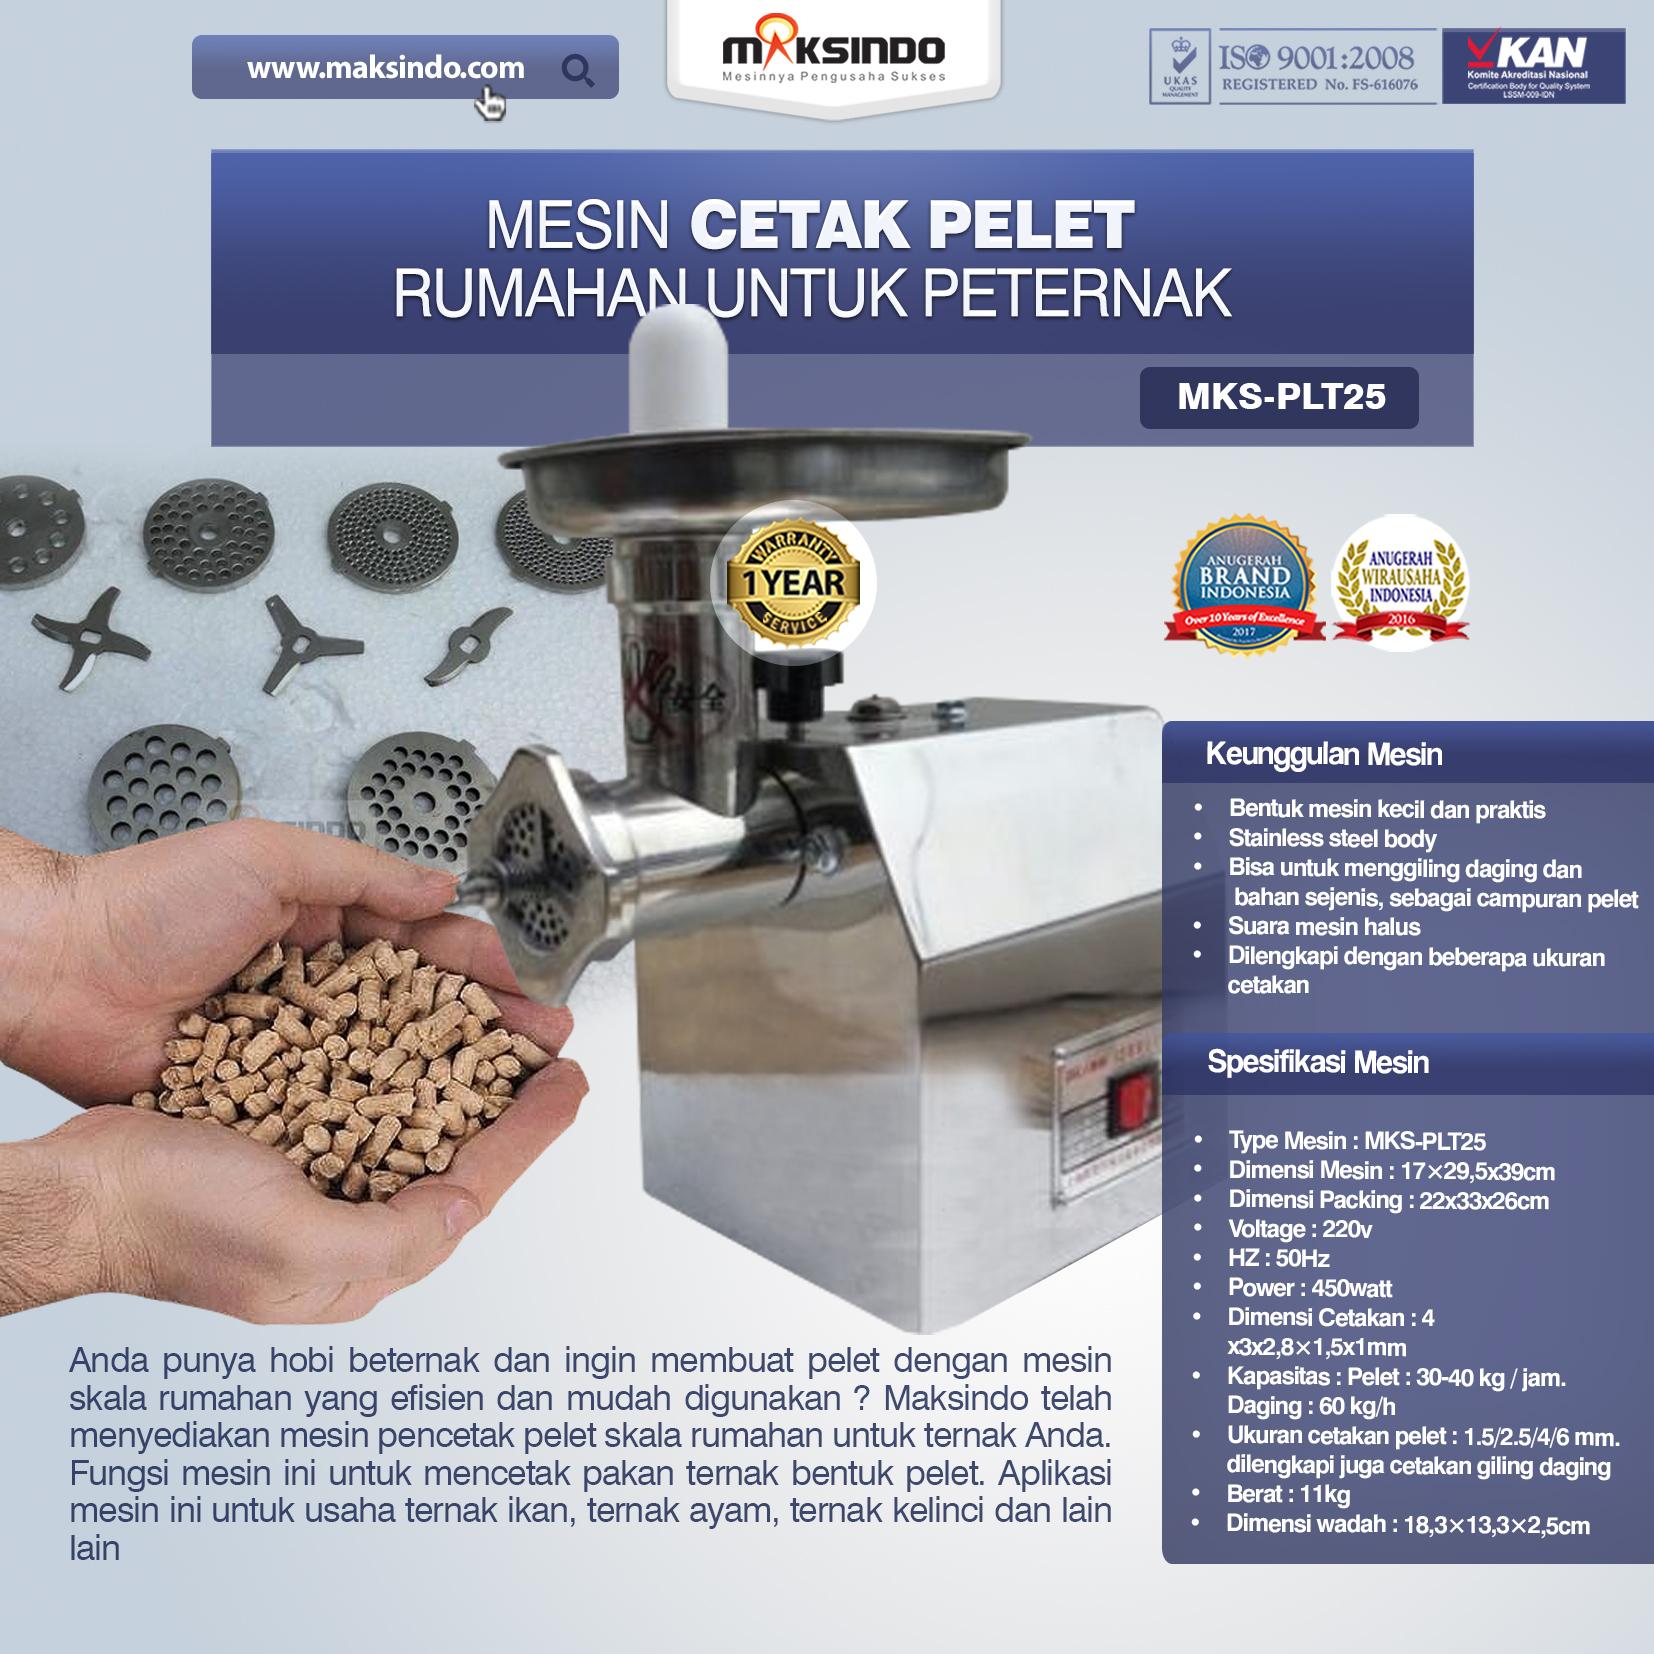 Jual Mesin Cetak Pelet Rumahan Untuk Peternak (MKS-PLT25) di Banjarmasin